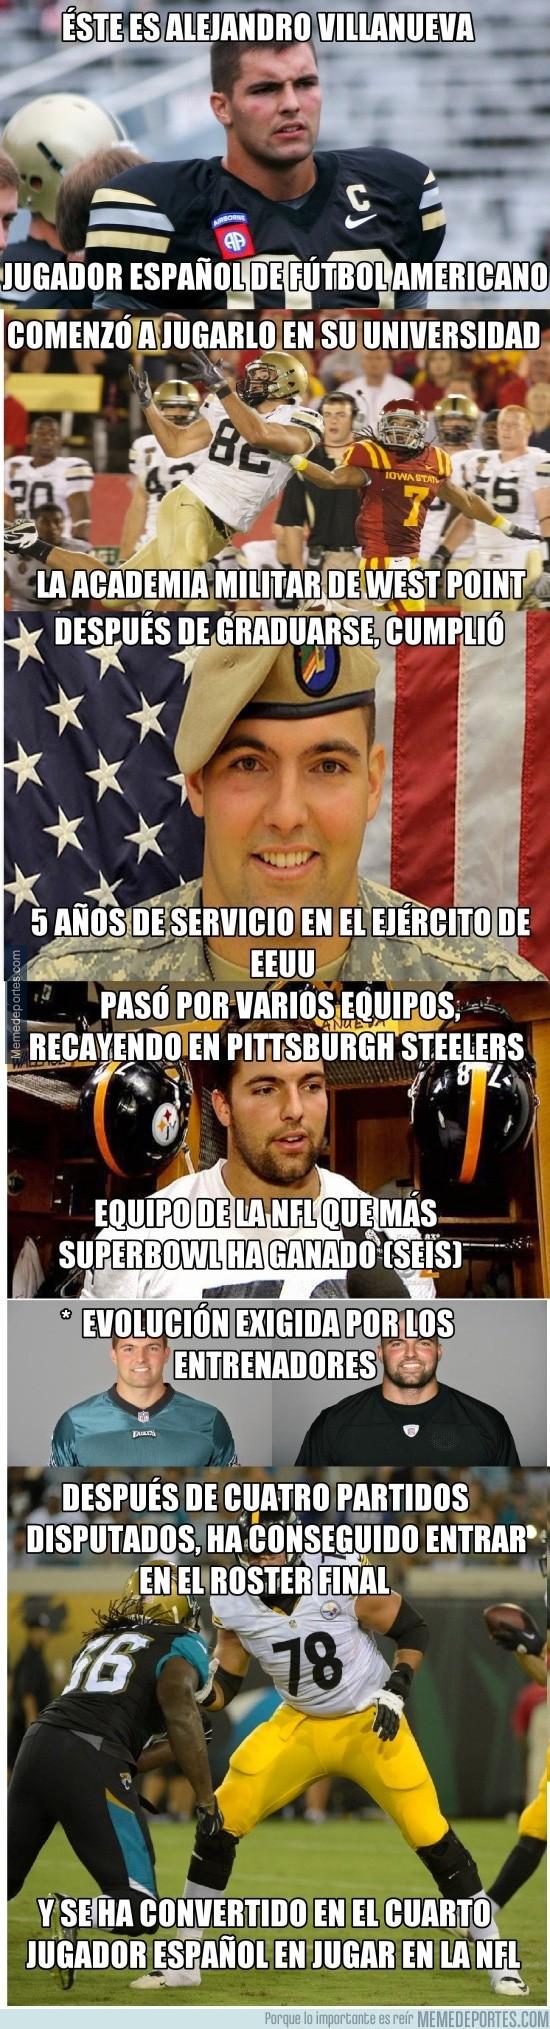 679394 - La historia de un español en la NFL ¡Enhorabuena Alejandro!